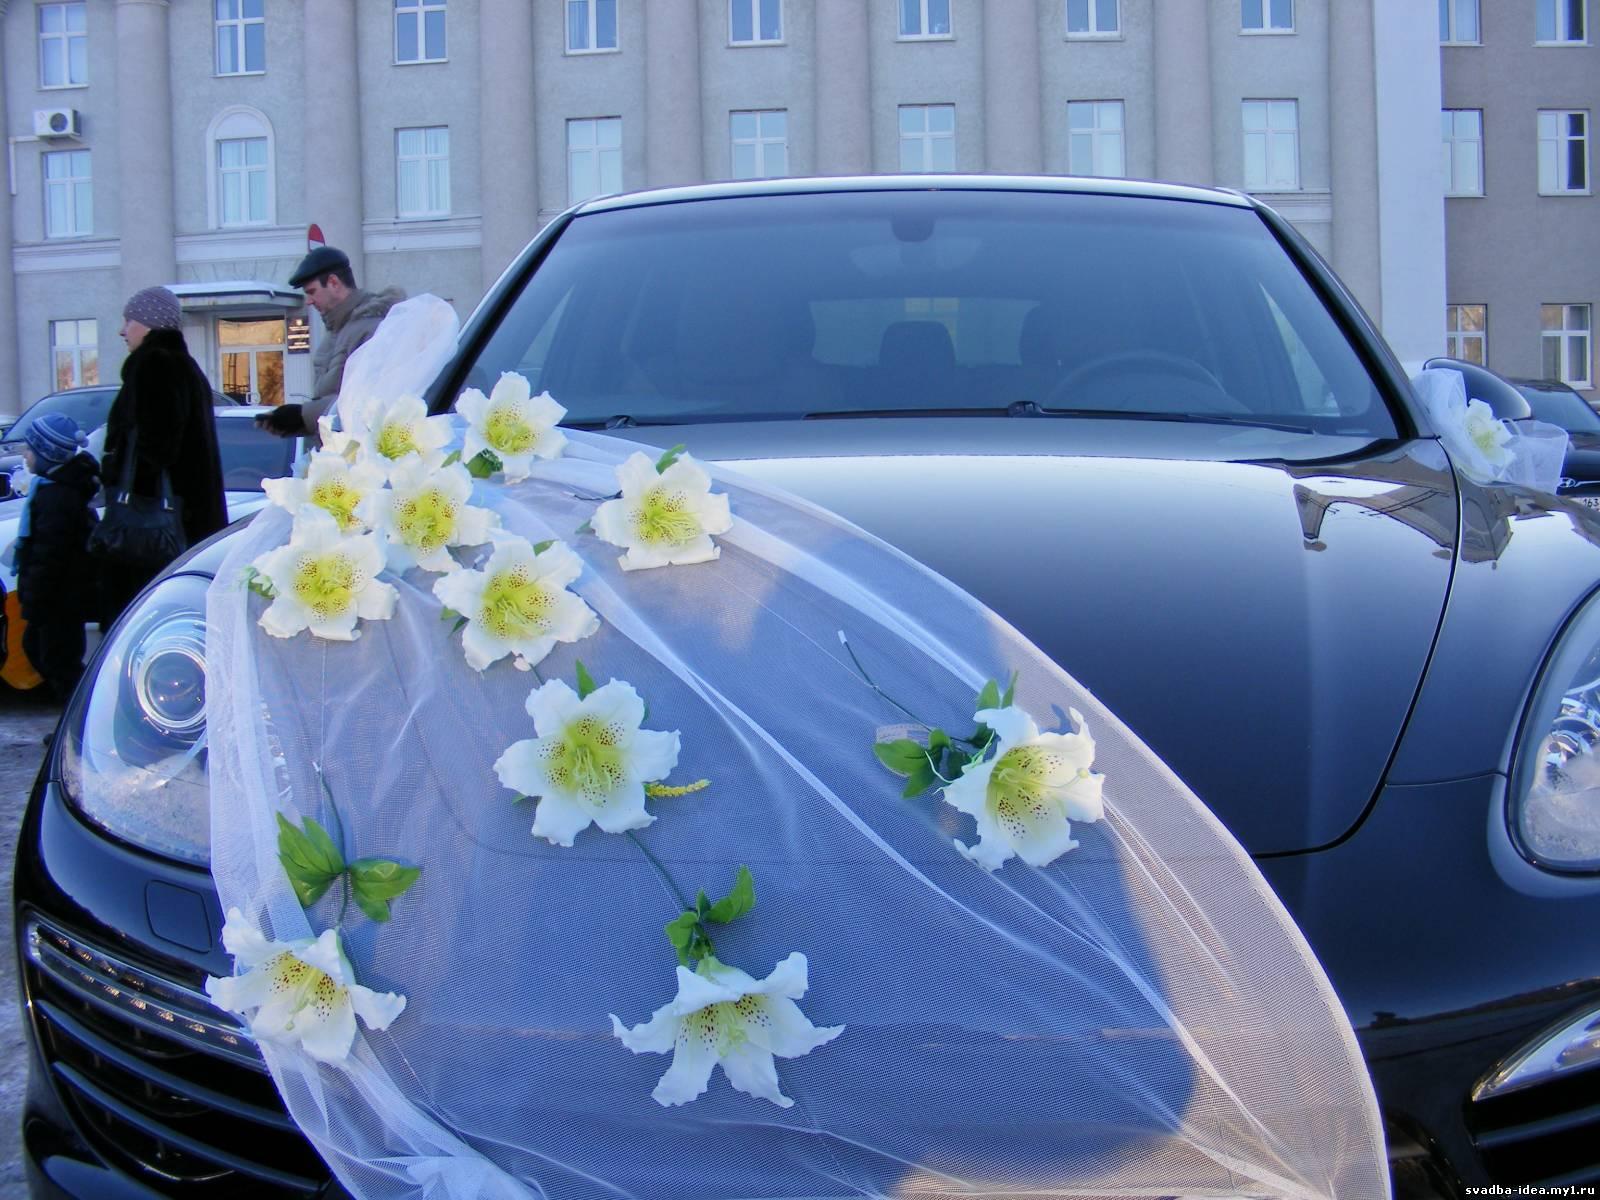 Оформление машин на свадьбу фото своими руками 90